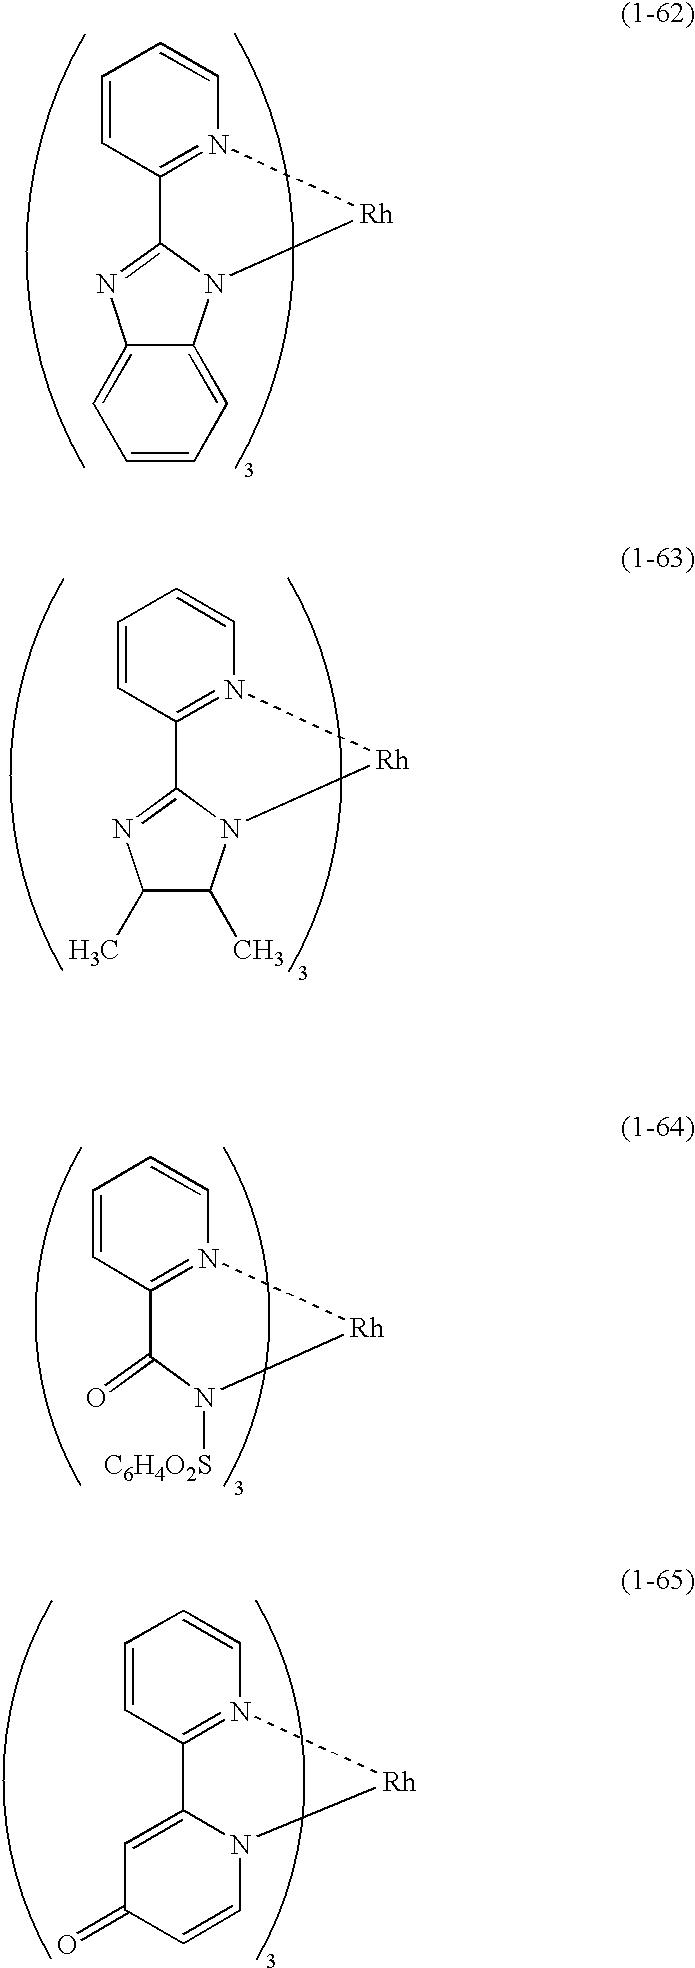 Figure US20020134984A1-20020926-C00024